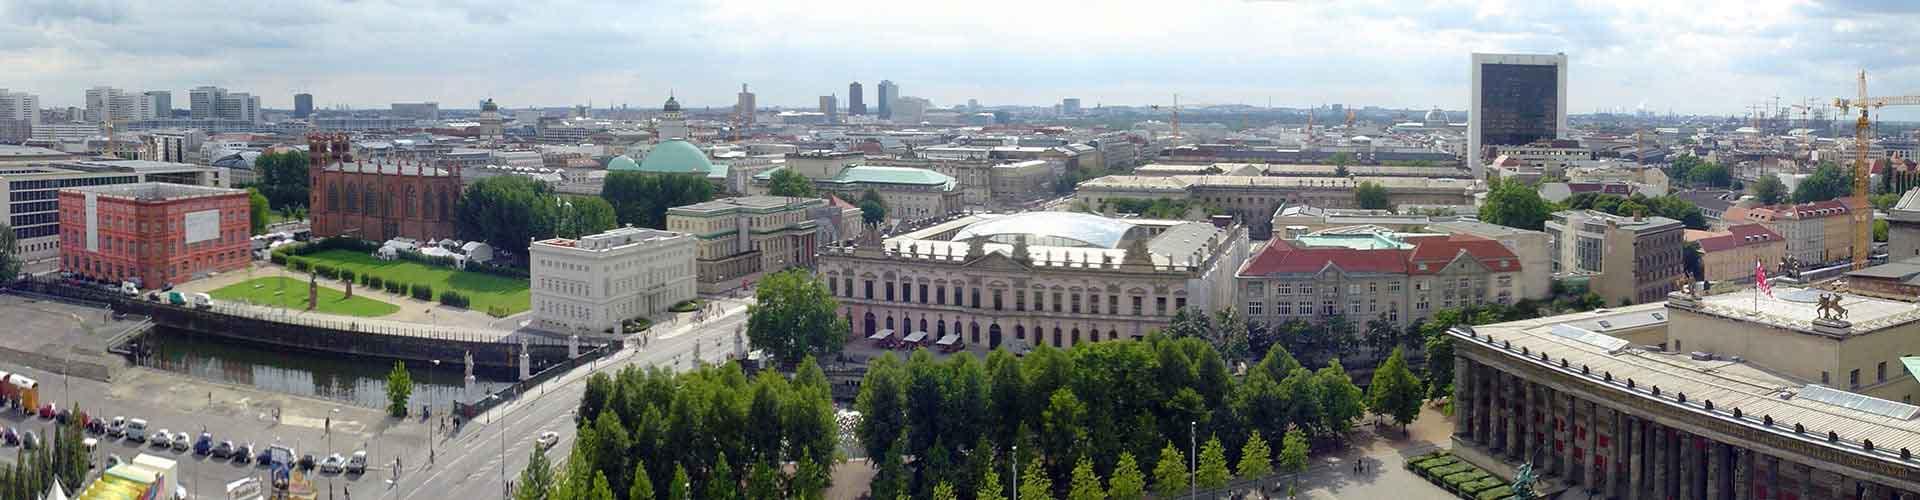 柏林 – Mitte区的宾馆。柏林地图,柏林每间宾馆的照片和评价。